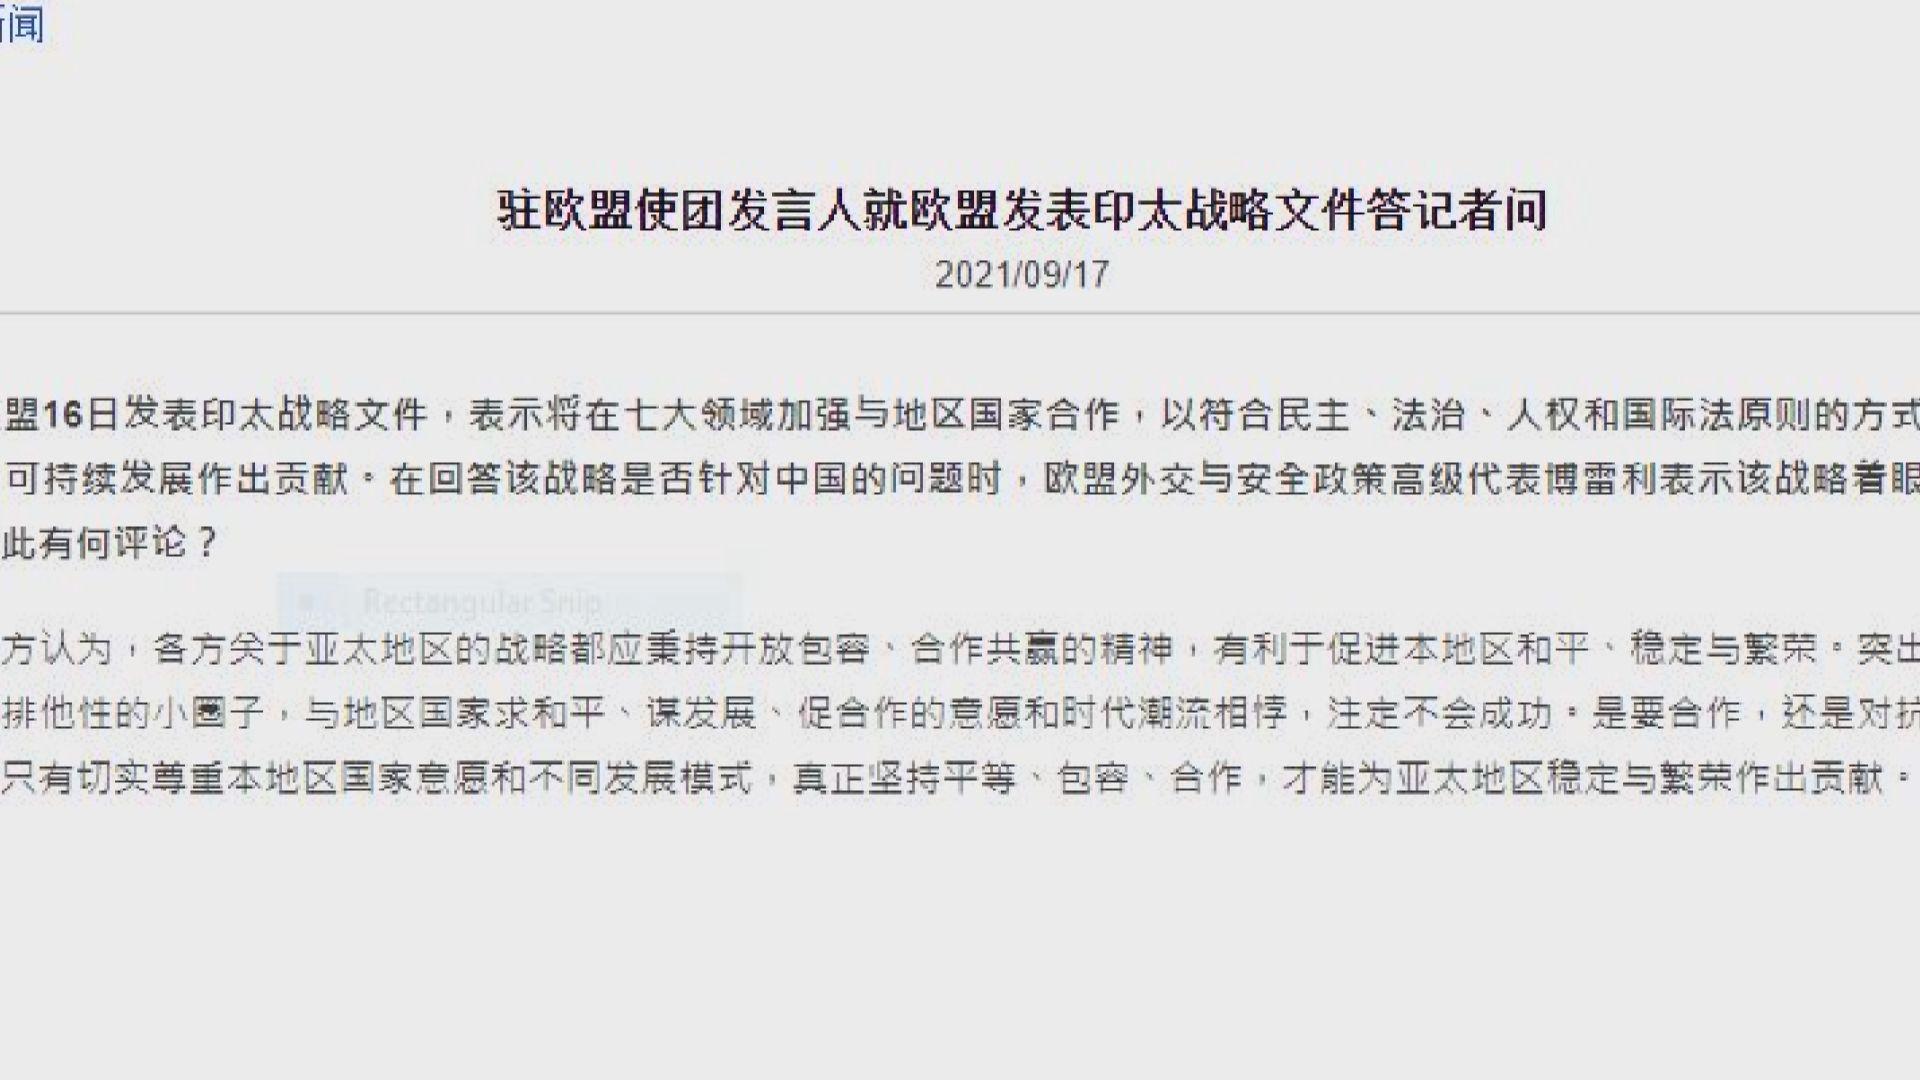 中方回應歐盟印太戰略 表示會密切關注